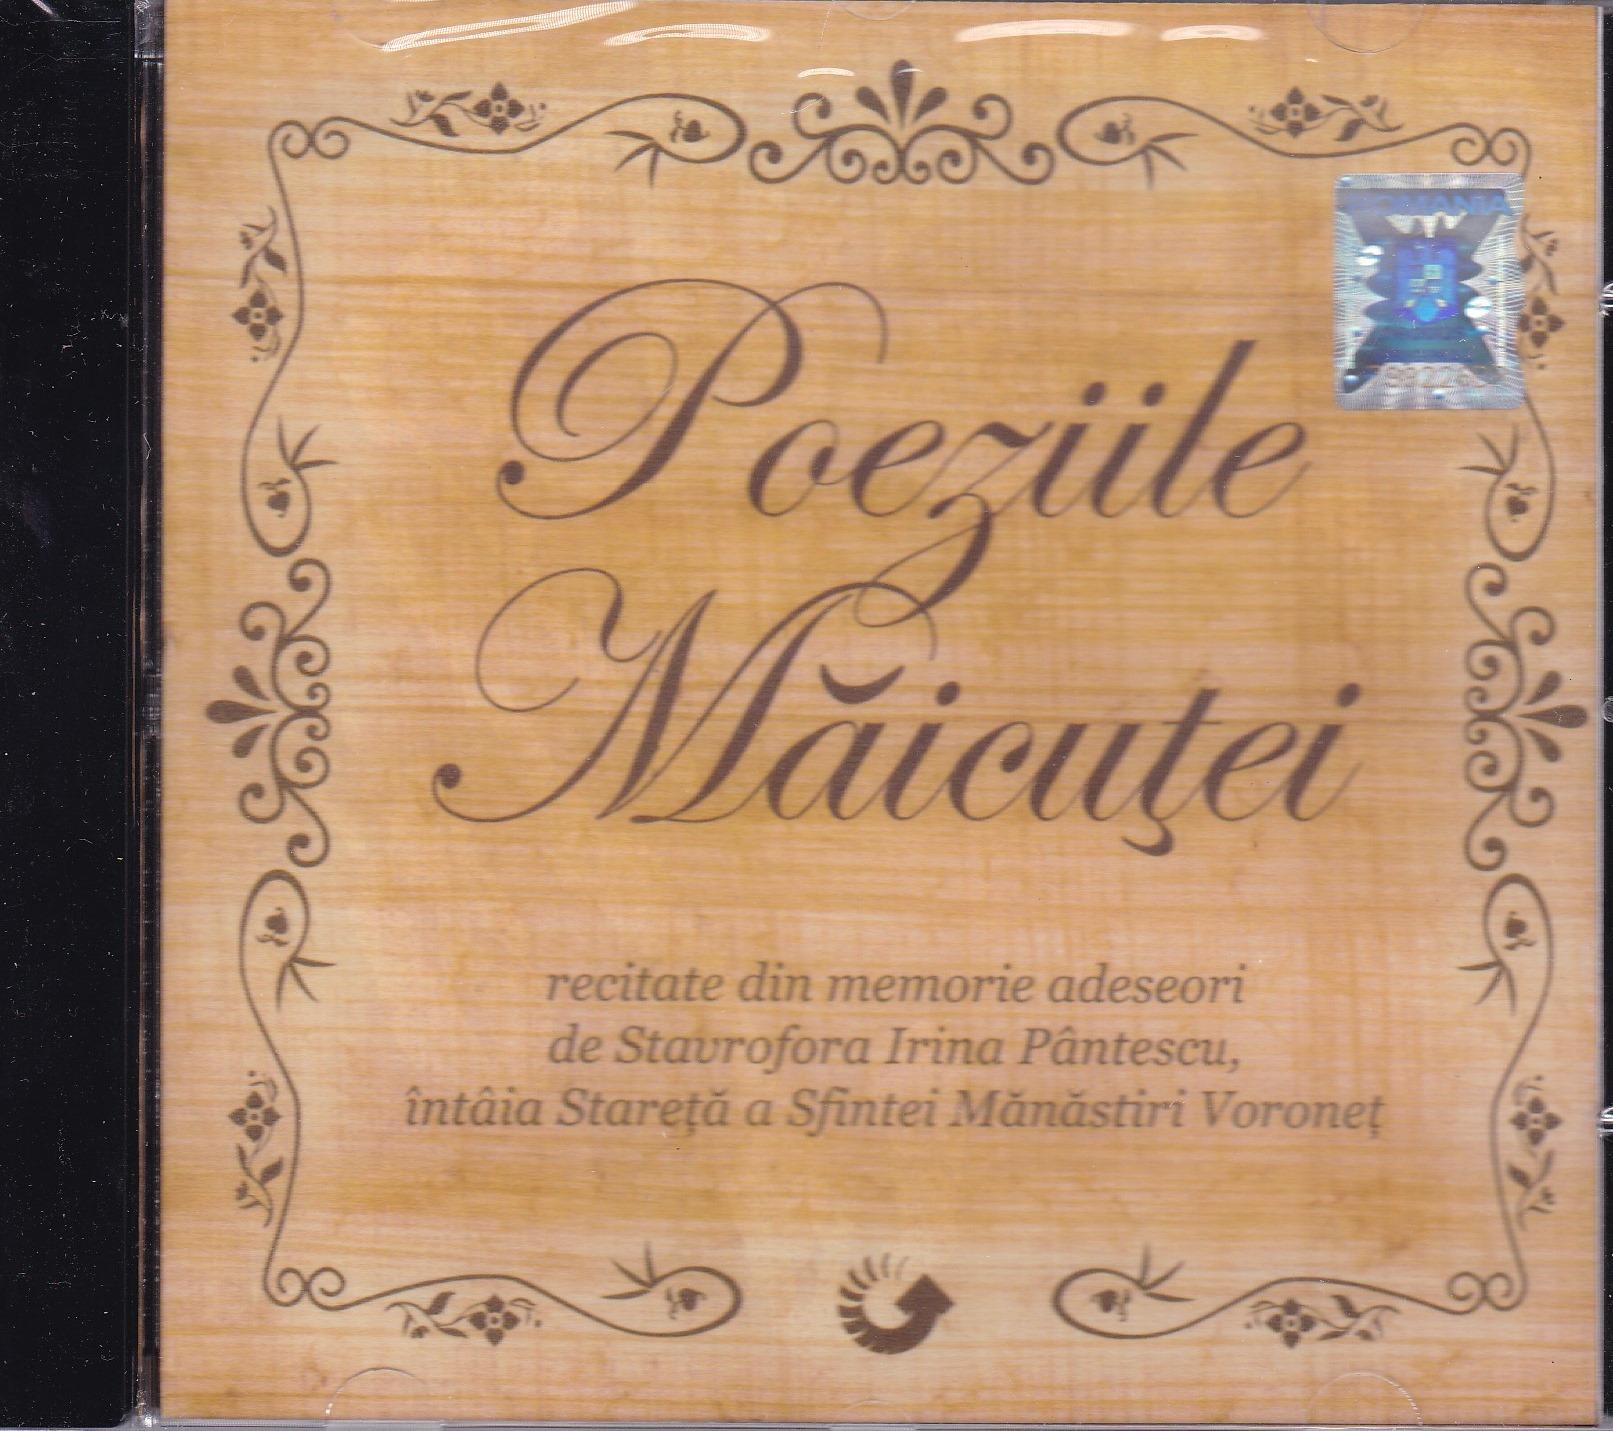 CD- Poeziile Măicutei